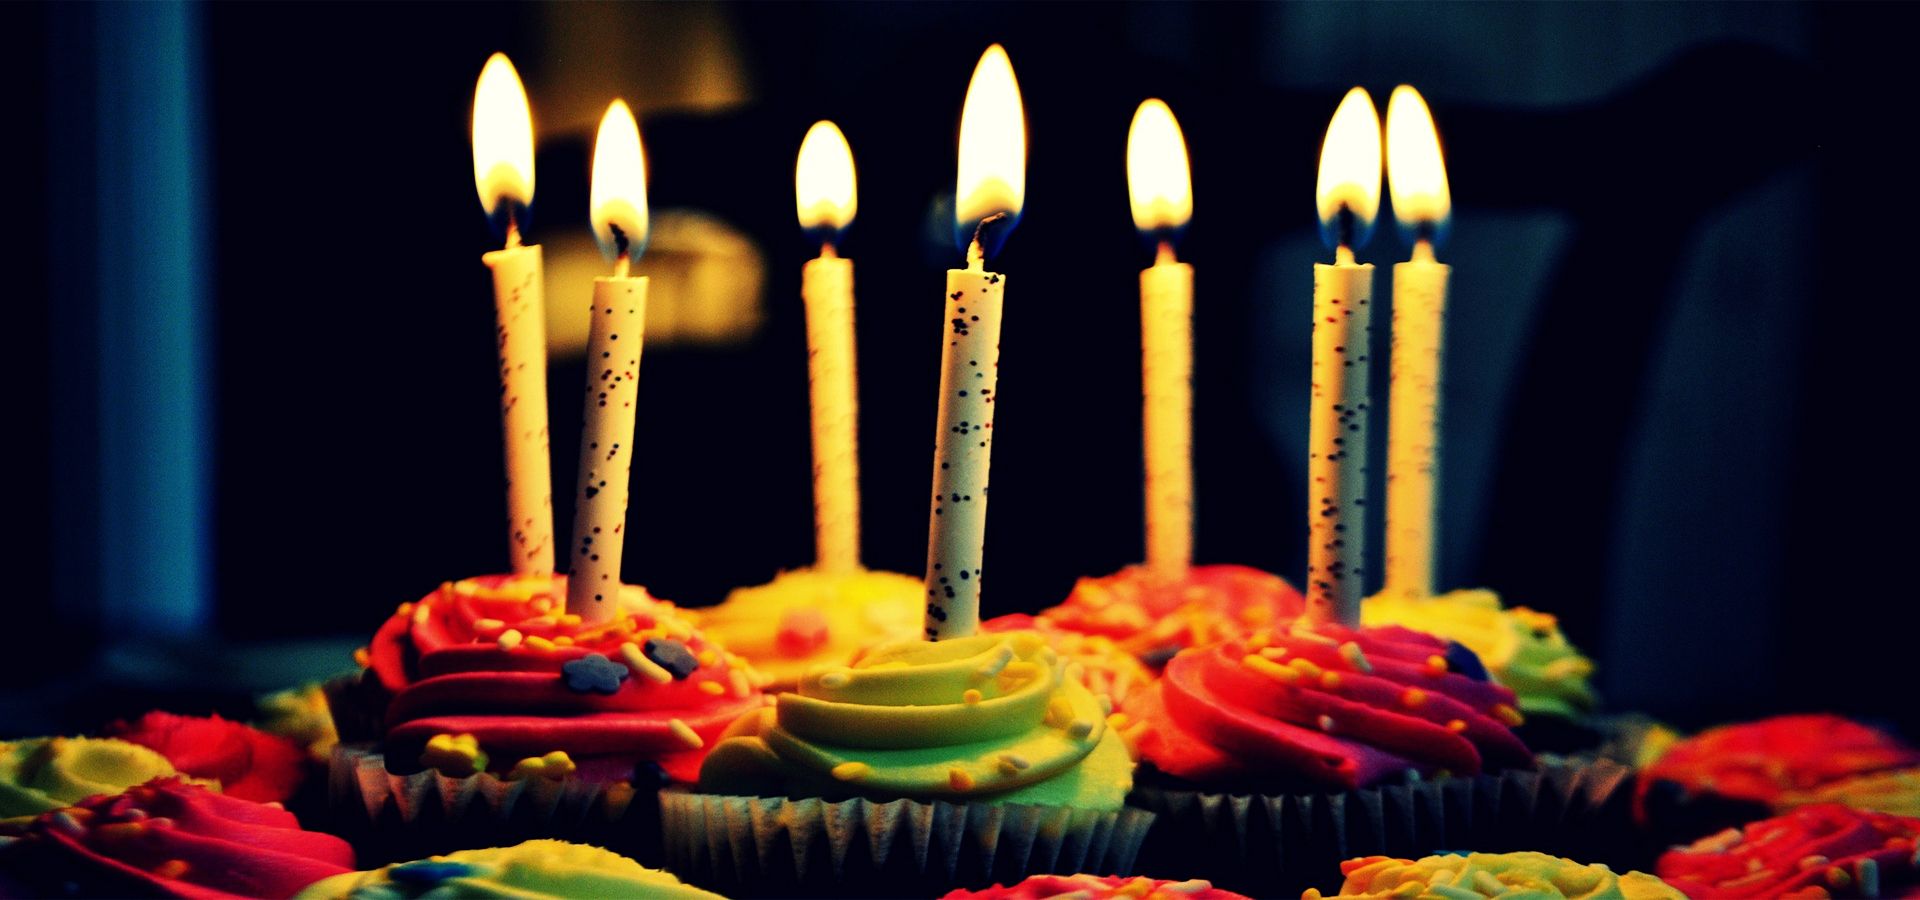 les bougies d anniversaire les bougies d anniversaire bon